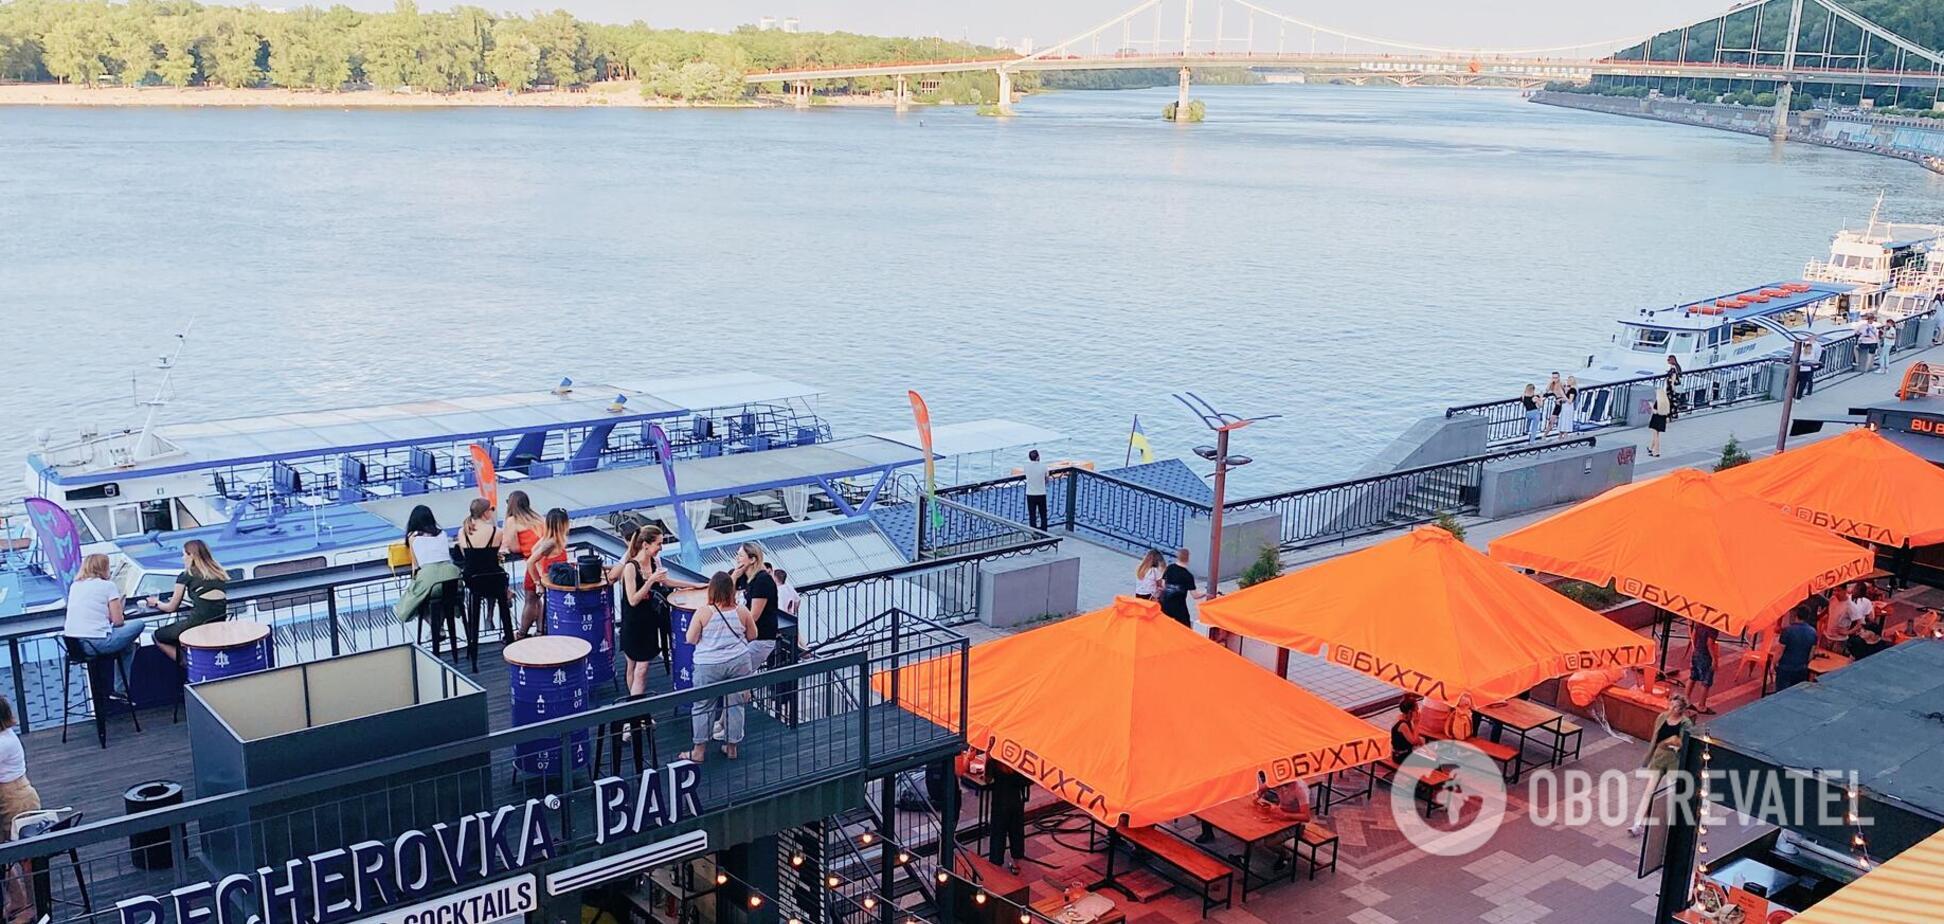 Лучшие места для отдыха в Киеве: БУХТА food station и речной вокзал с новыми маршрутами